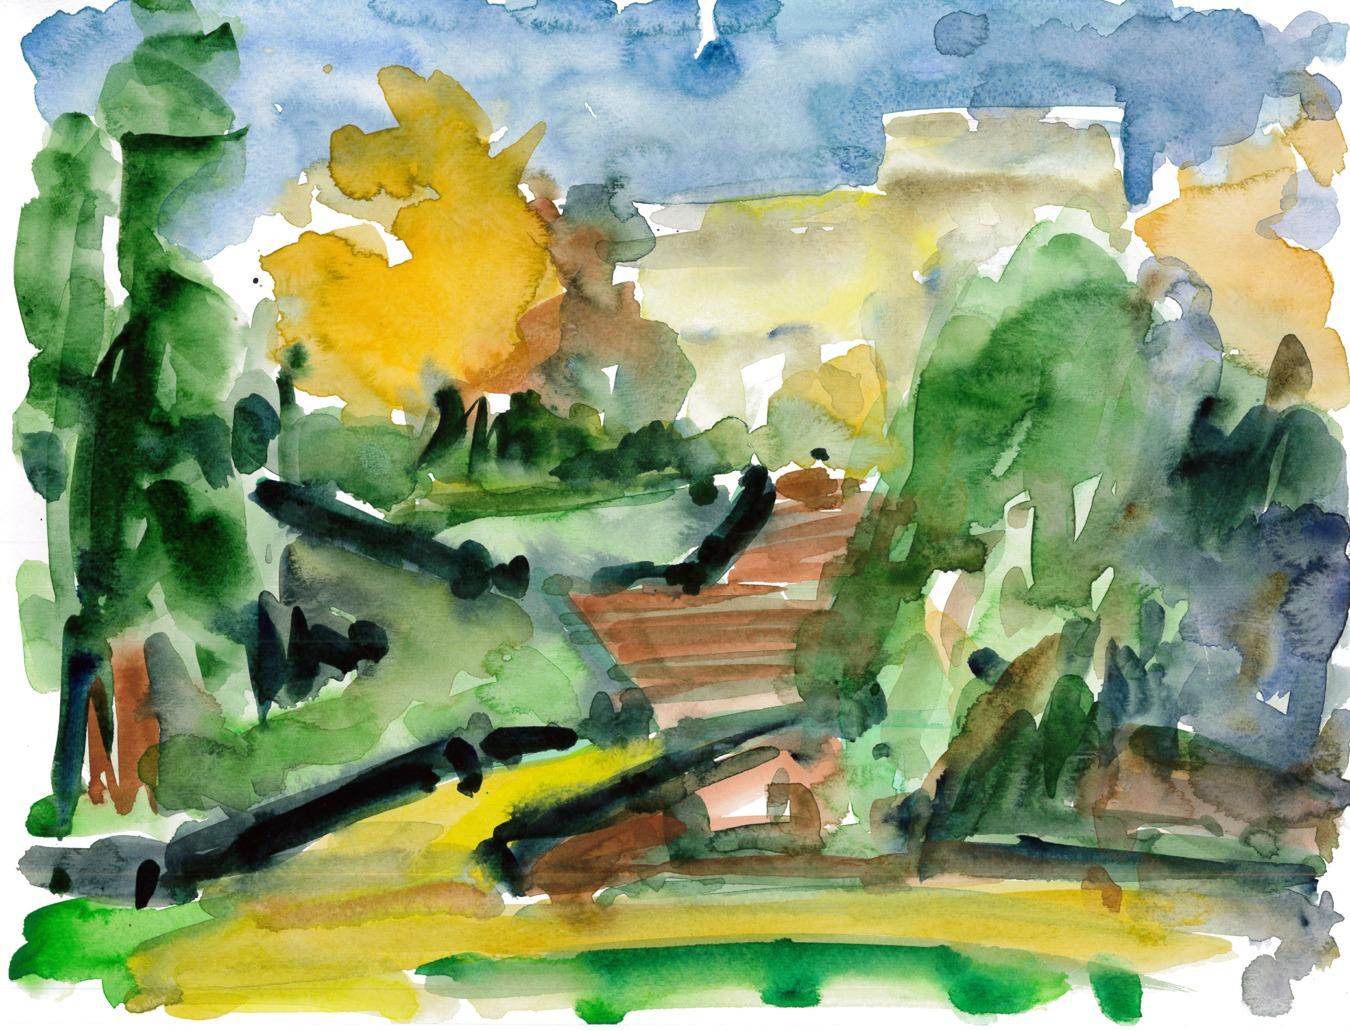 24_2006-09-22_MD_Geschwister-Scholl-Park_320x240_Aquarell